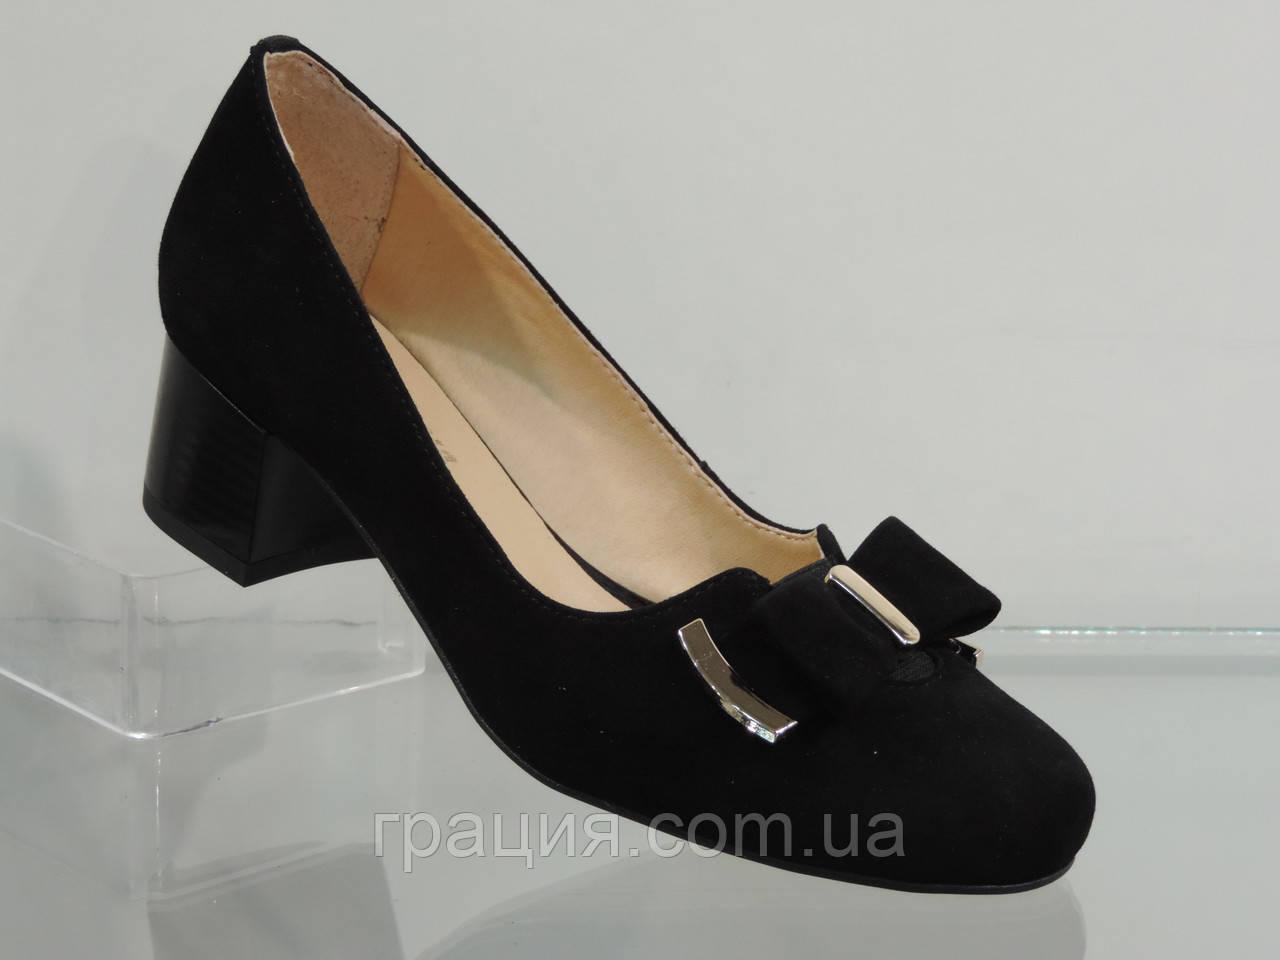 Туфлі жіночі замшеві натуральні на більшому підборах чорні